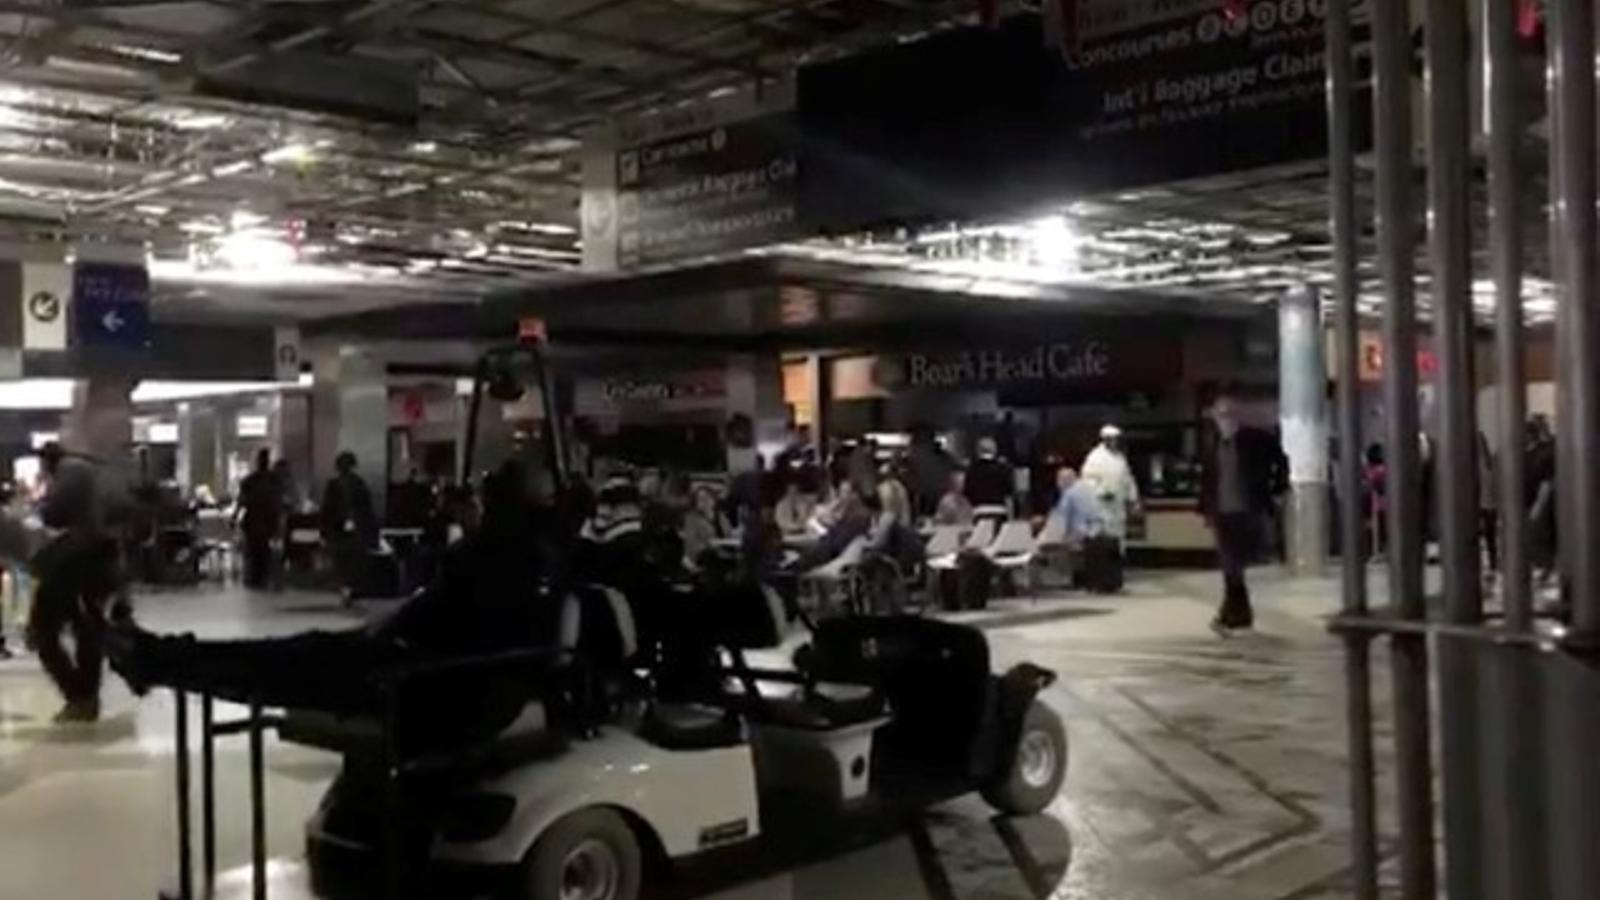 Imatges de l'aeroport d'Atlanta durant l'apagada elèctrica de diumenge 17 de desmebre de 2017.